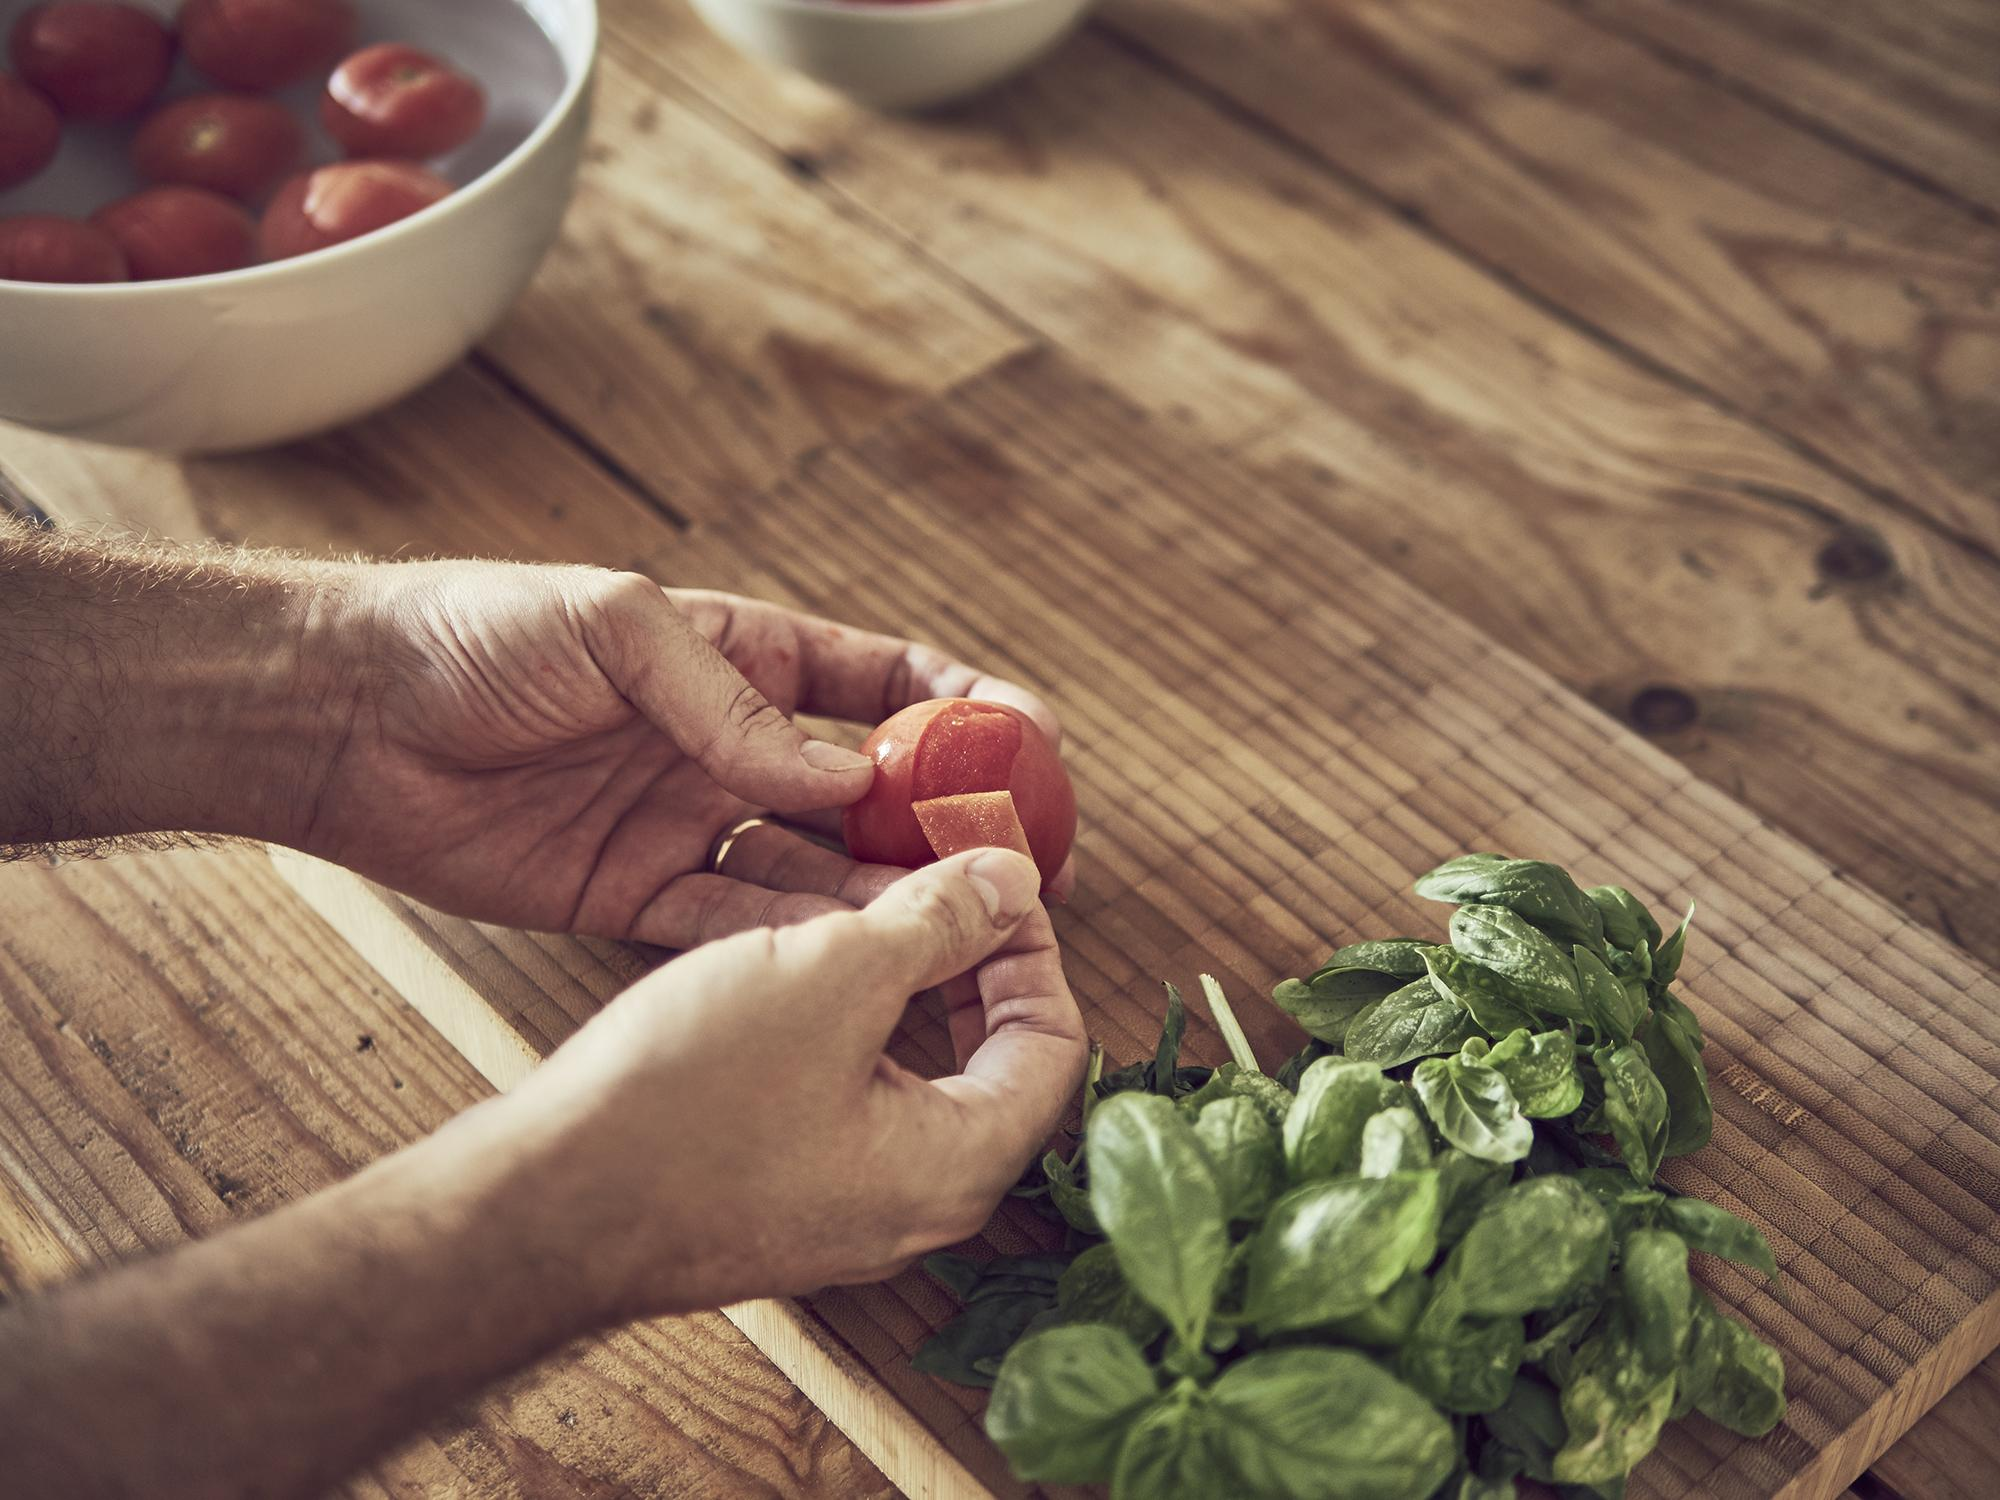 aceite aromatizado sous vide de tomate y albahaca a baja temperatura